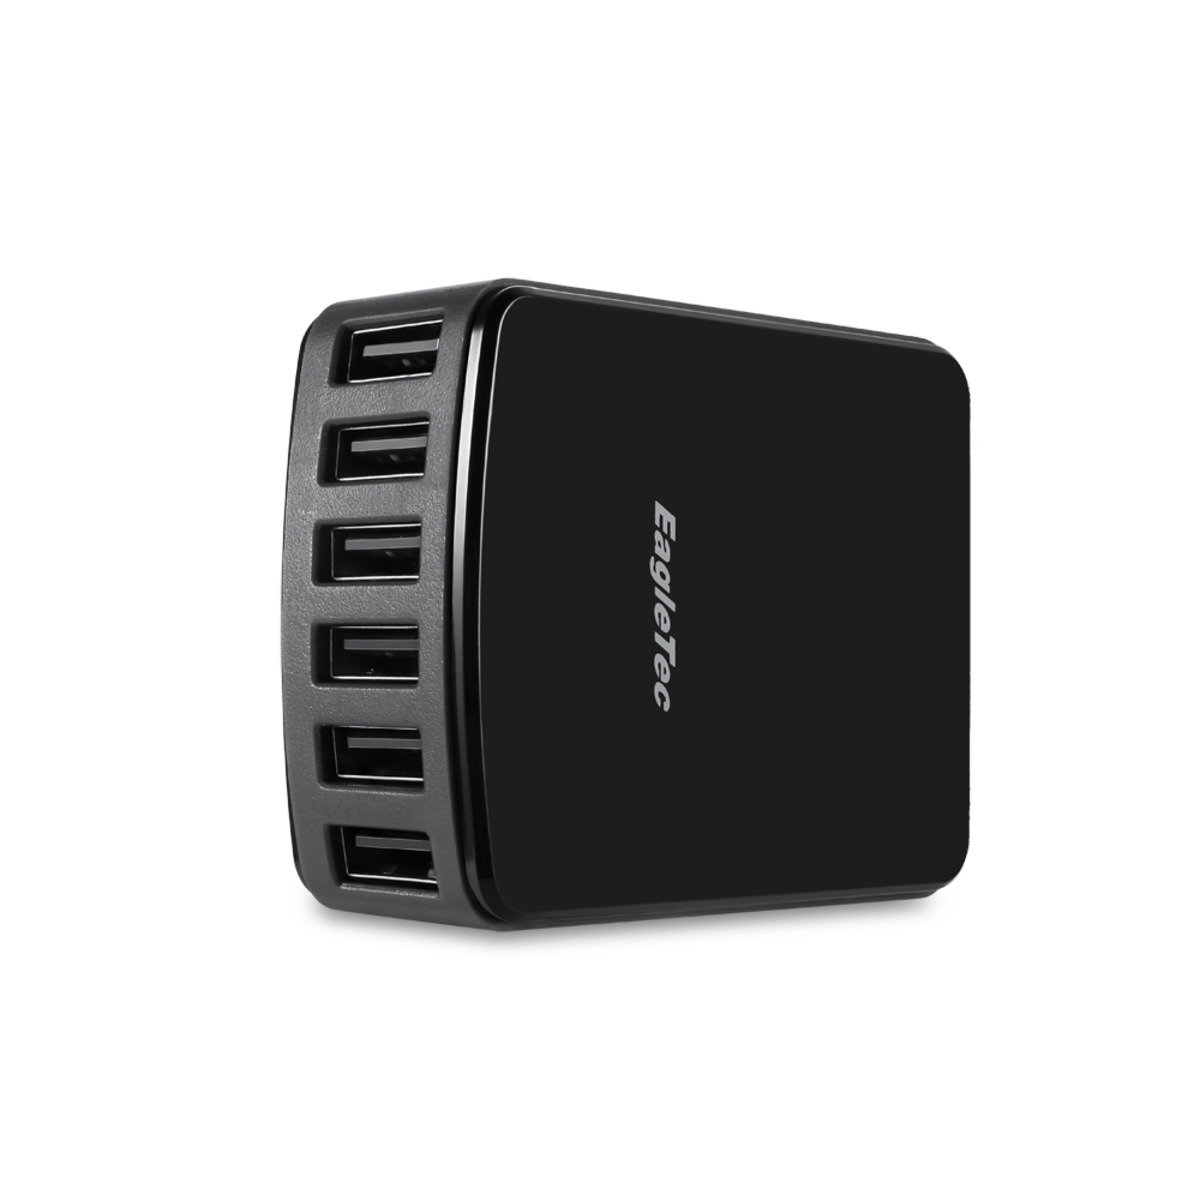 50W 6端口USB智能顯示屏充電器